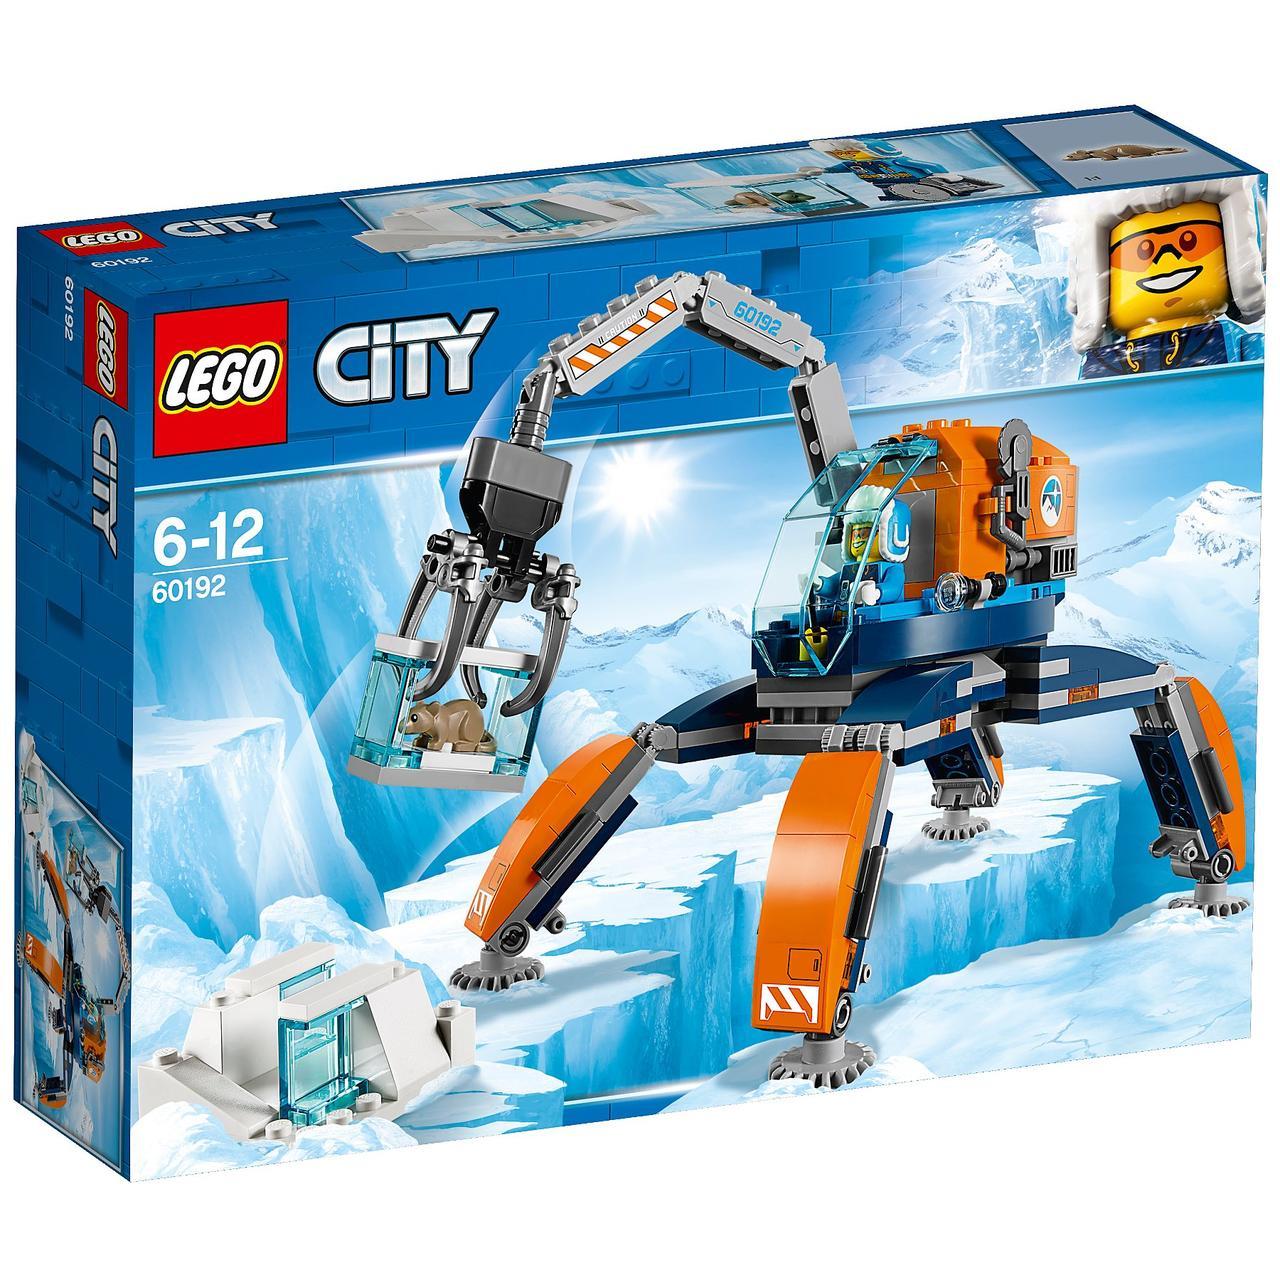 Конструктор LEGO City Арктическая экспедиция. Арктический вездеход. Оригинал Лего Сити 60192